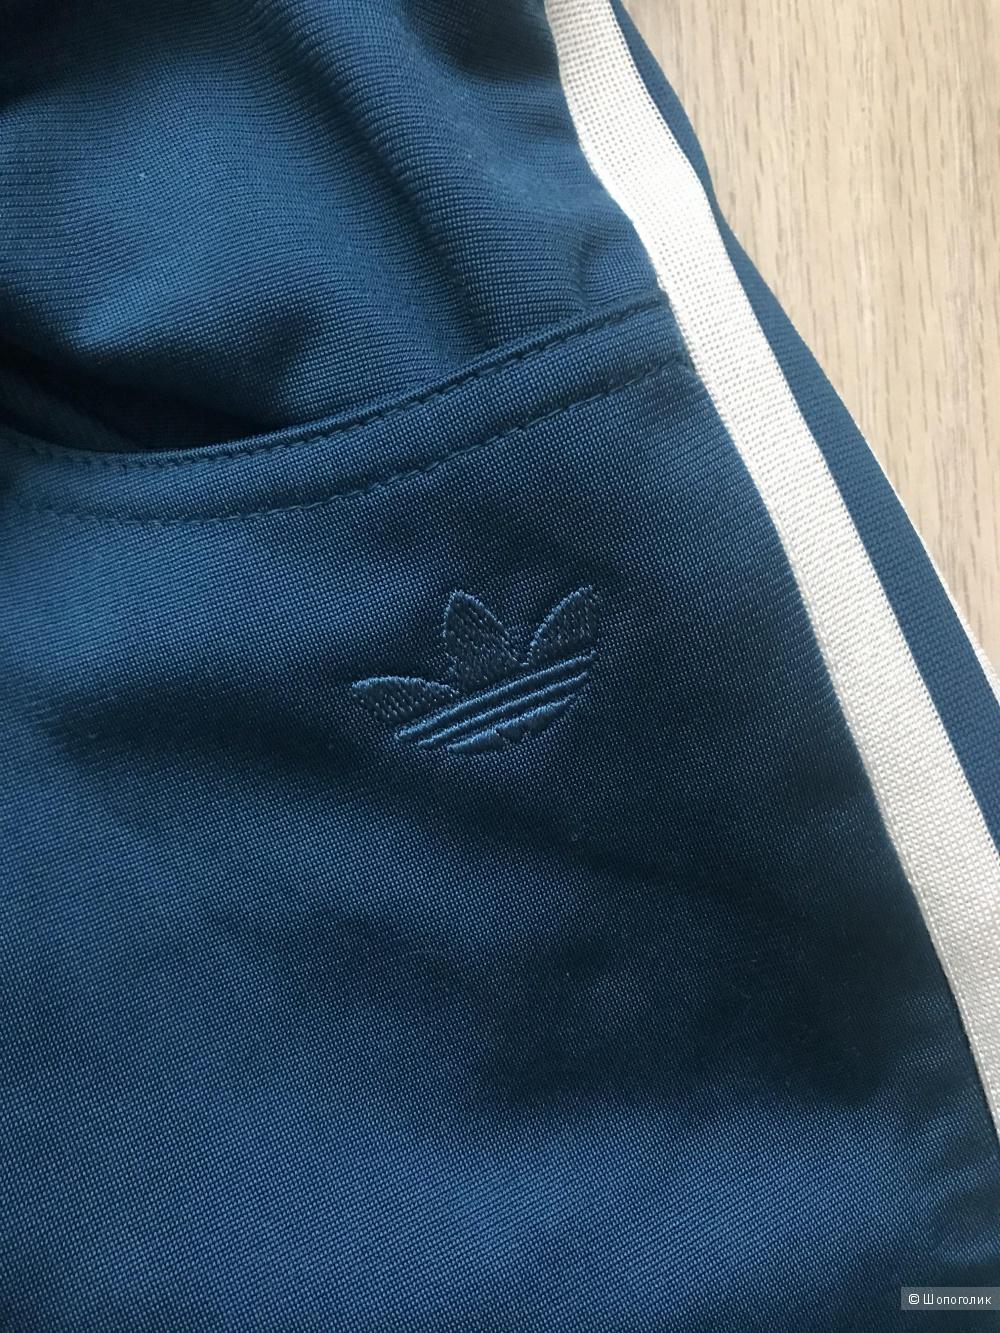 Спортивные брюки Adidas, размер S